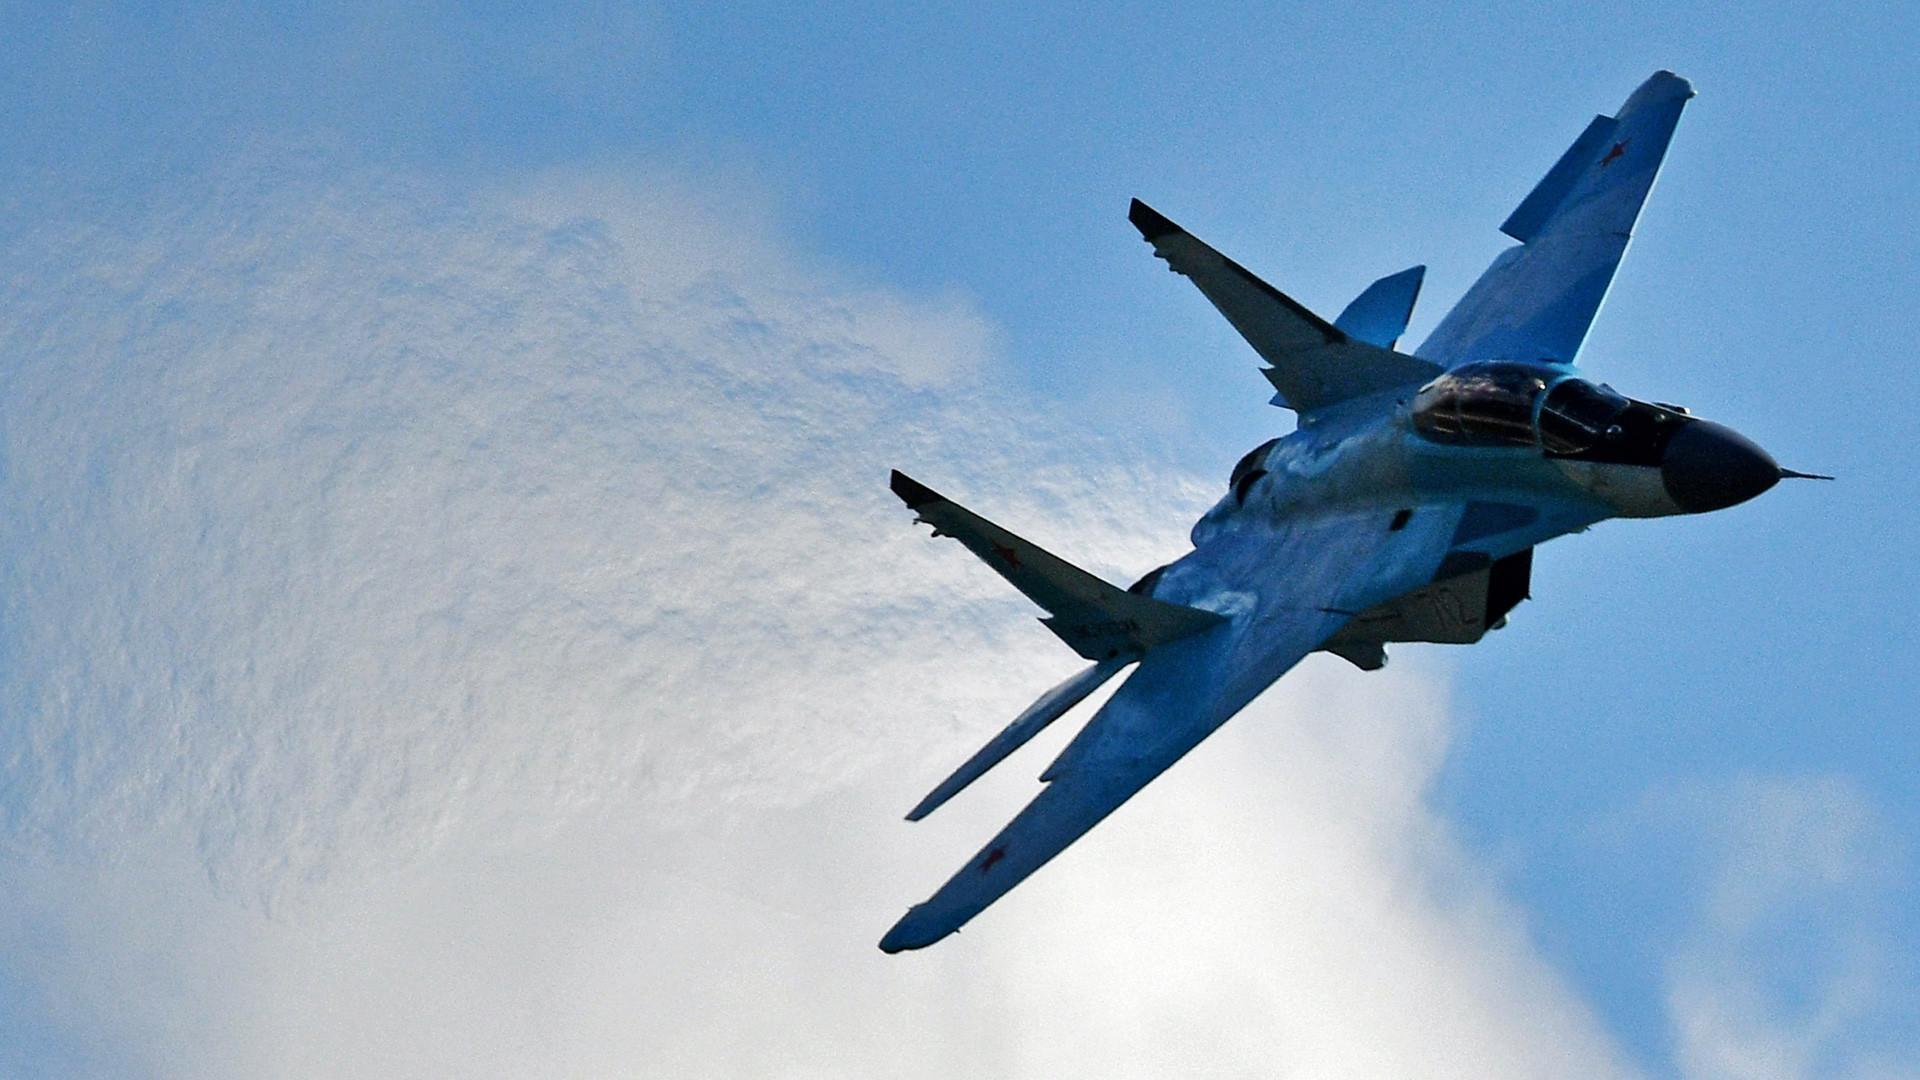 Jet tempur multifungsi MiG-35 menunjukkan kebolehannya pada pembukaan  Pameran Aviasi dan Luar Angkasa Internasional (MAKS-2017).